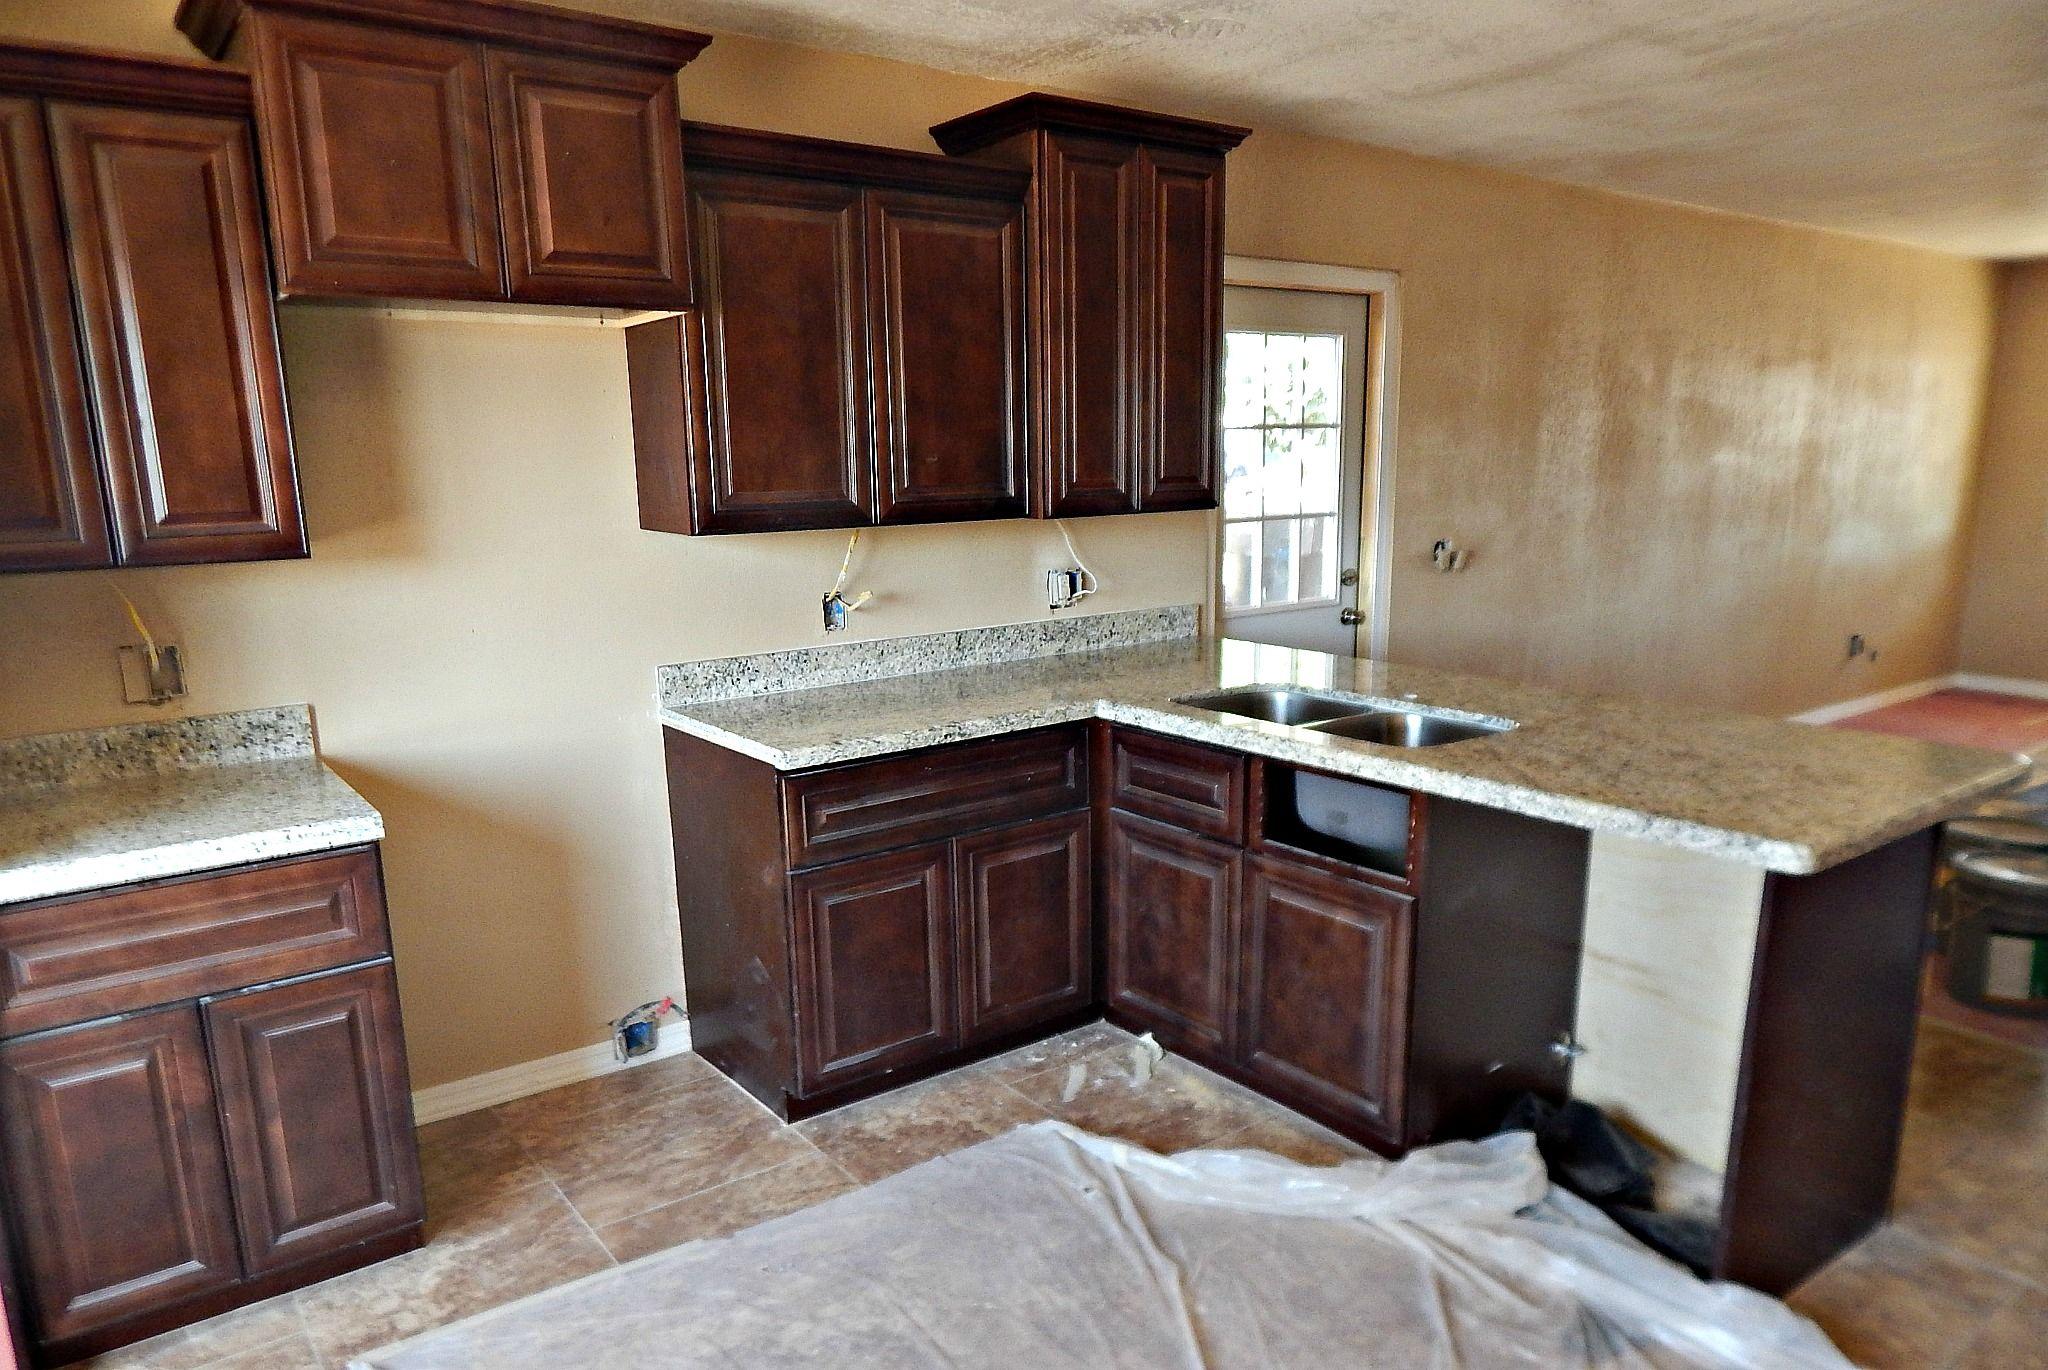 Kuche Renovieren Mit Granit Arbeitsplatten Kuche Renovieren Arbeitsplatte Innenfarbe